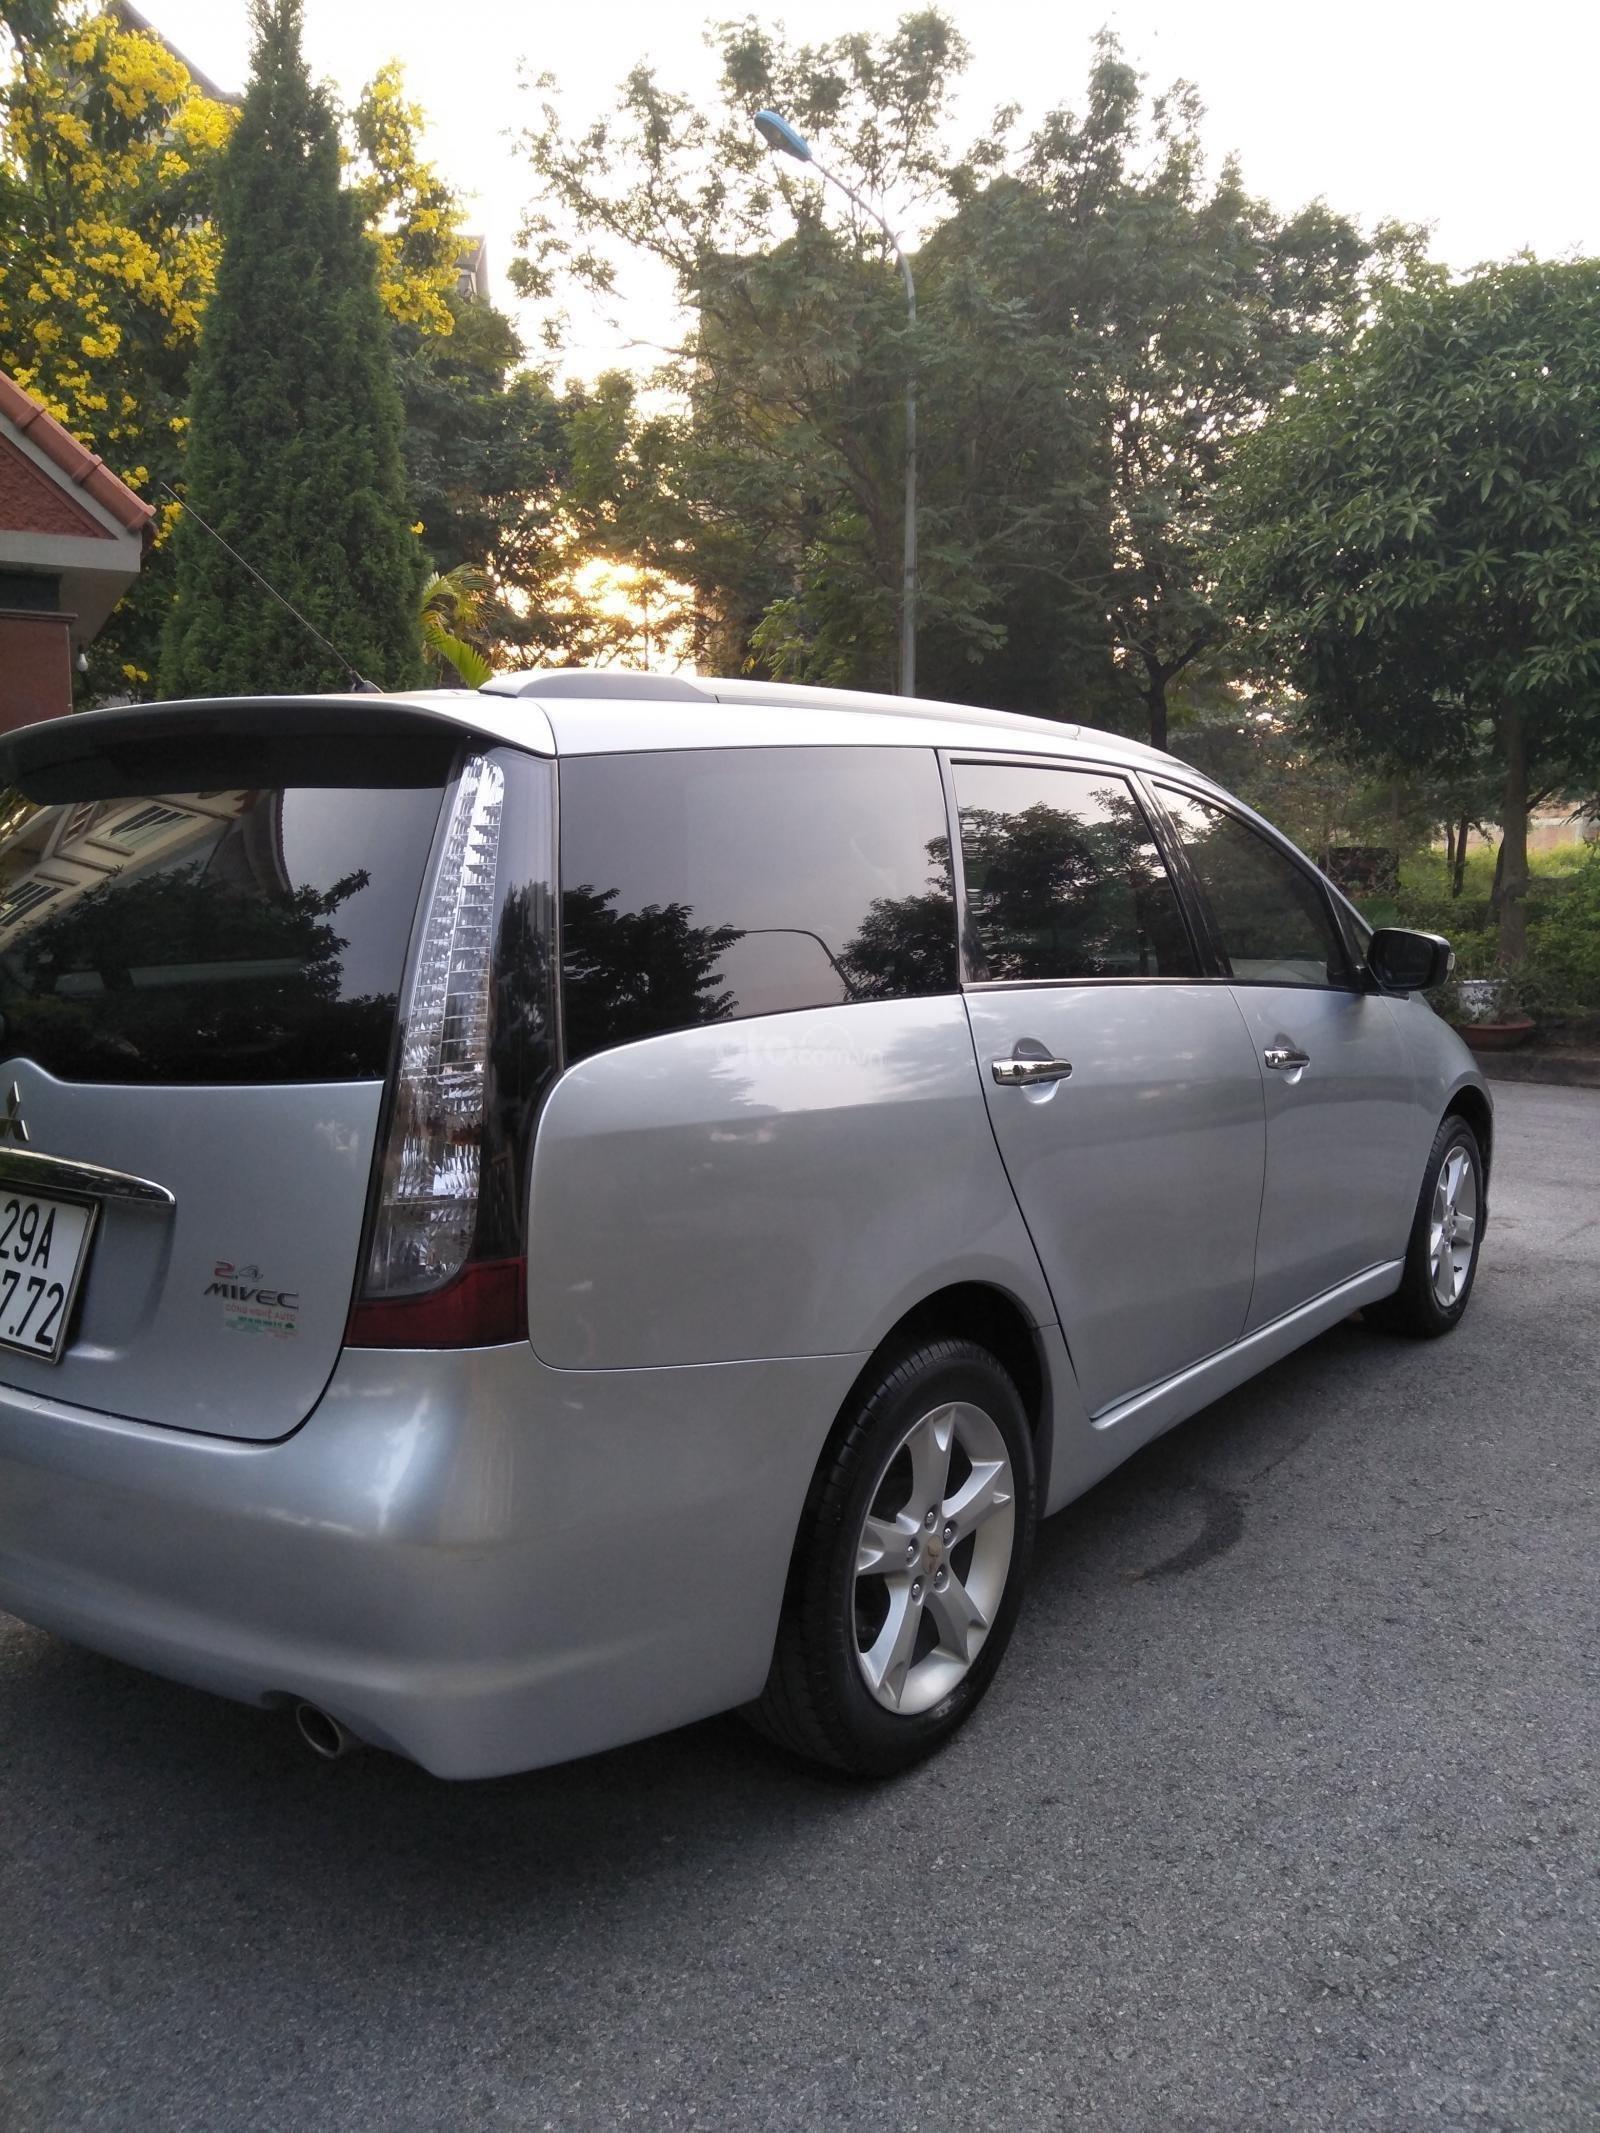 Chính chủ cần bán chiếc xe Mitsubishi Grandis đời 2011, giá thương lượng (8)